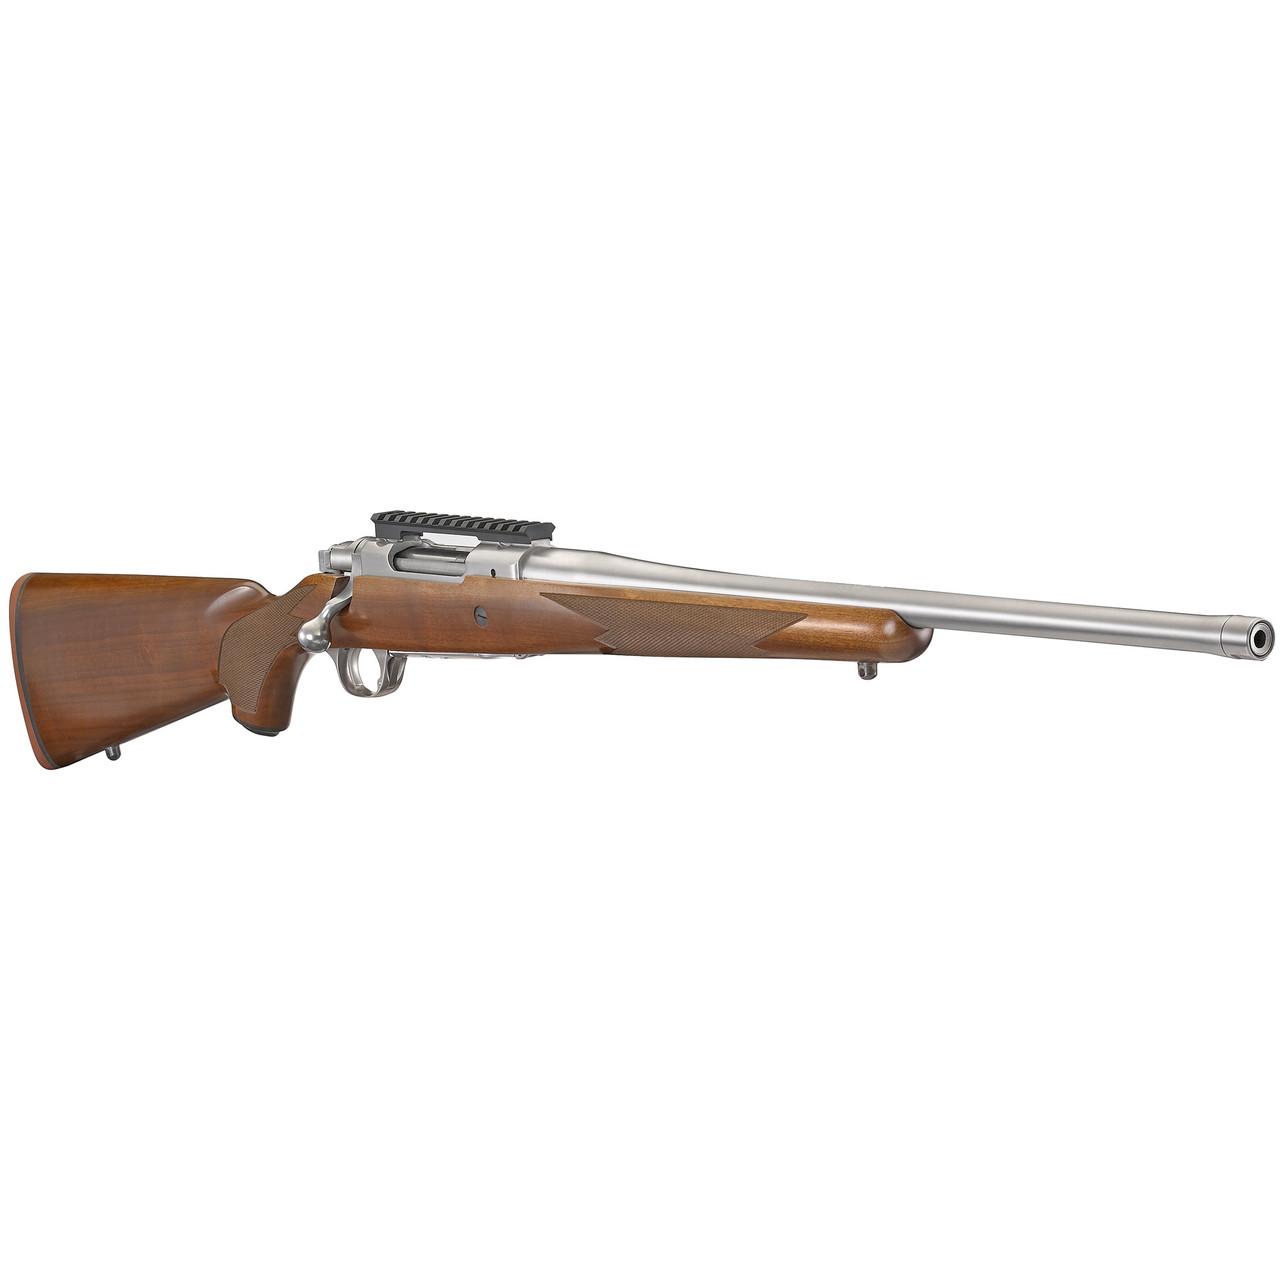 Ruger Hawkeye Hunter CALIFORNIA LEGAL - .308/7.62x51 - Walnut